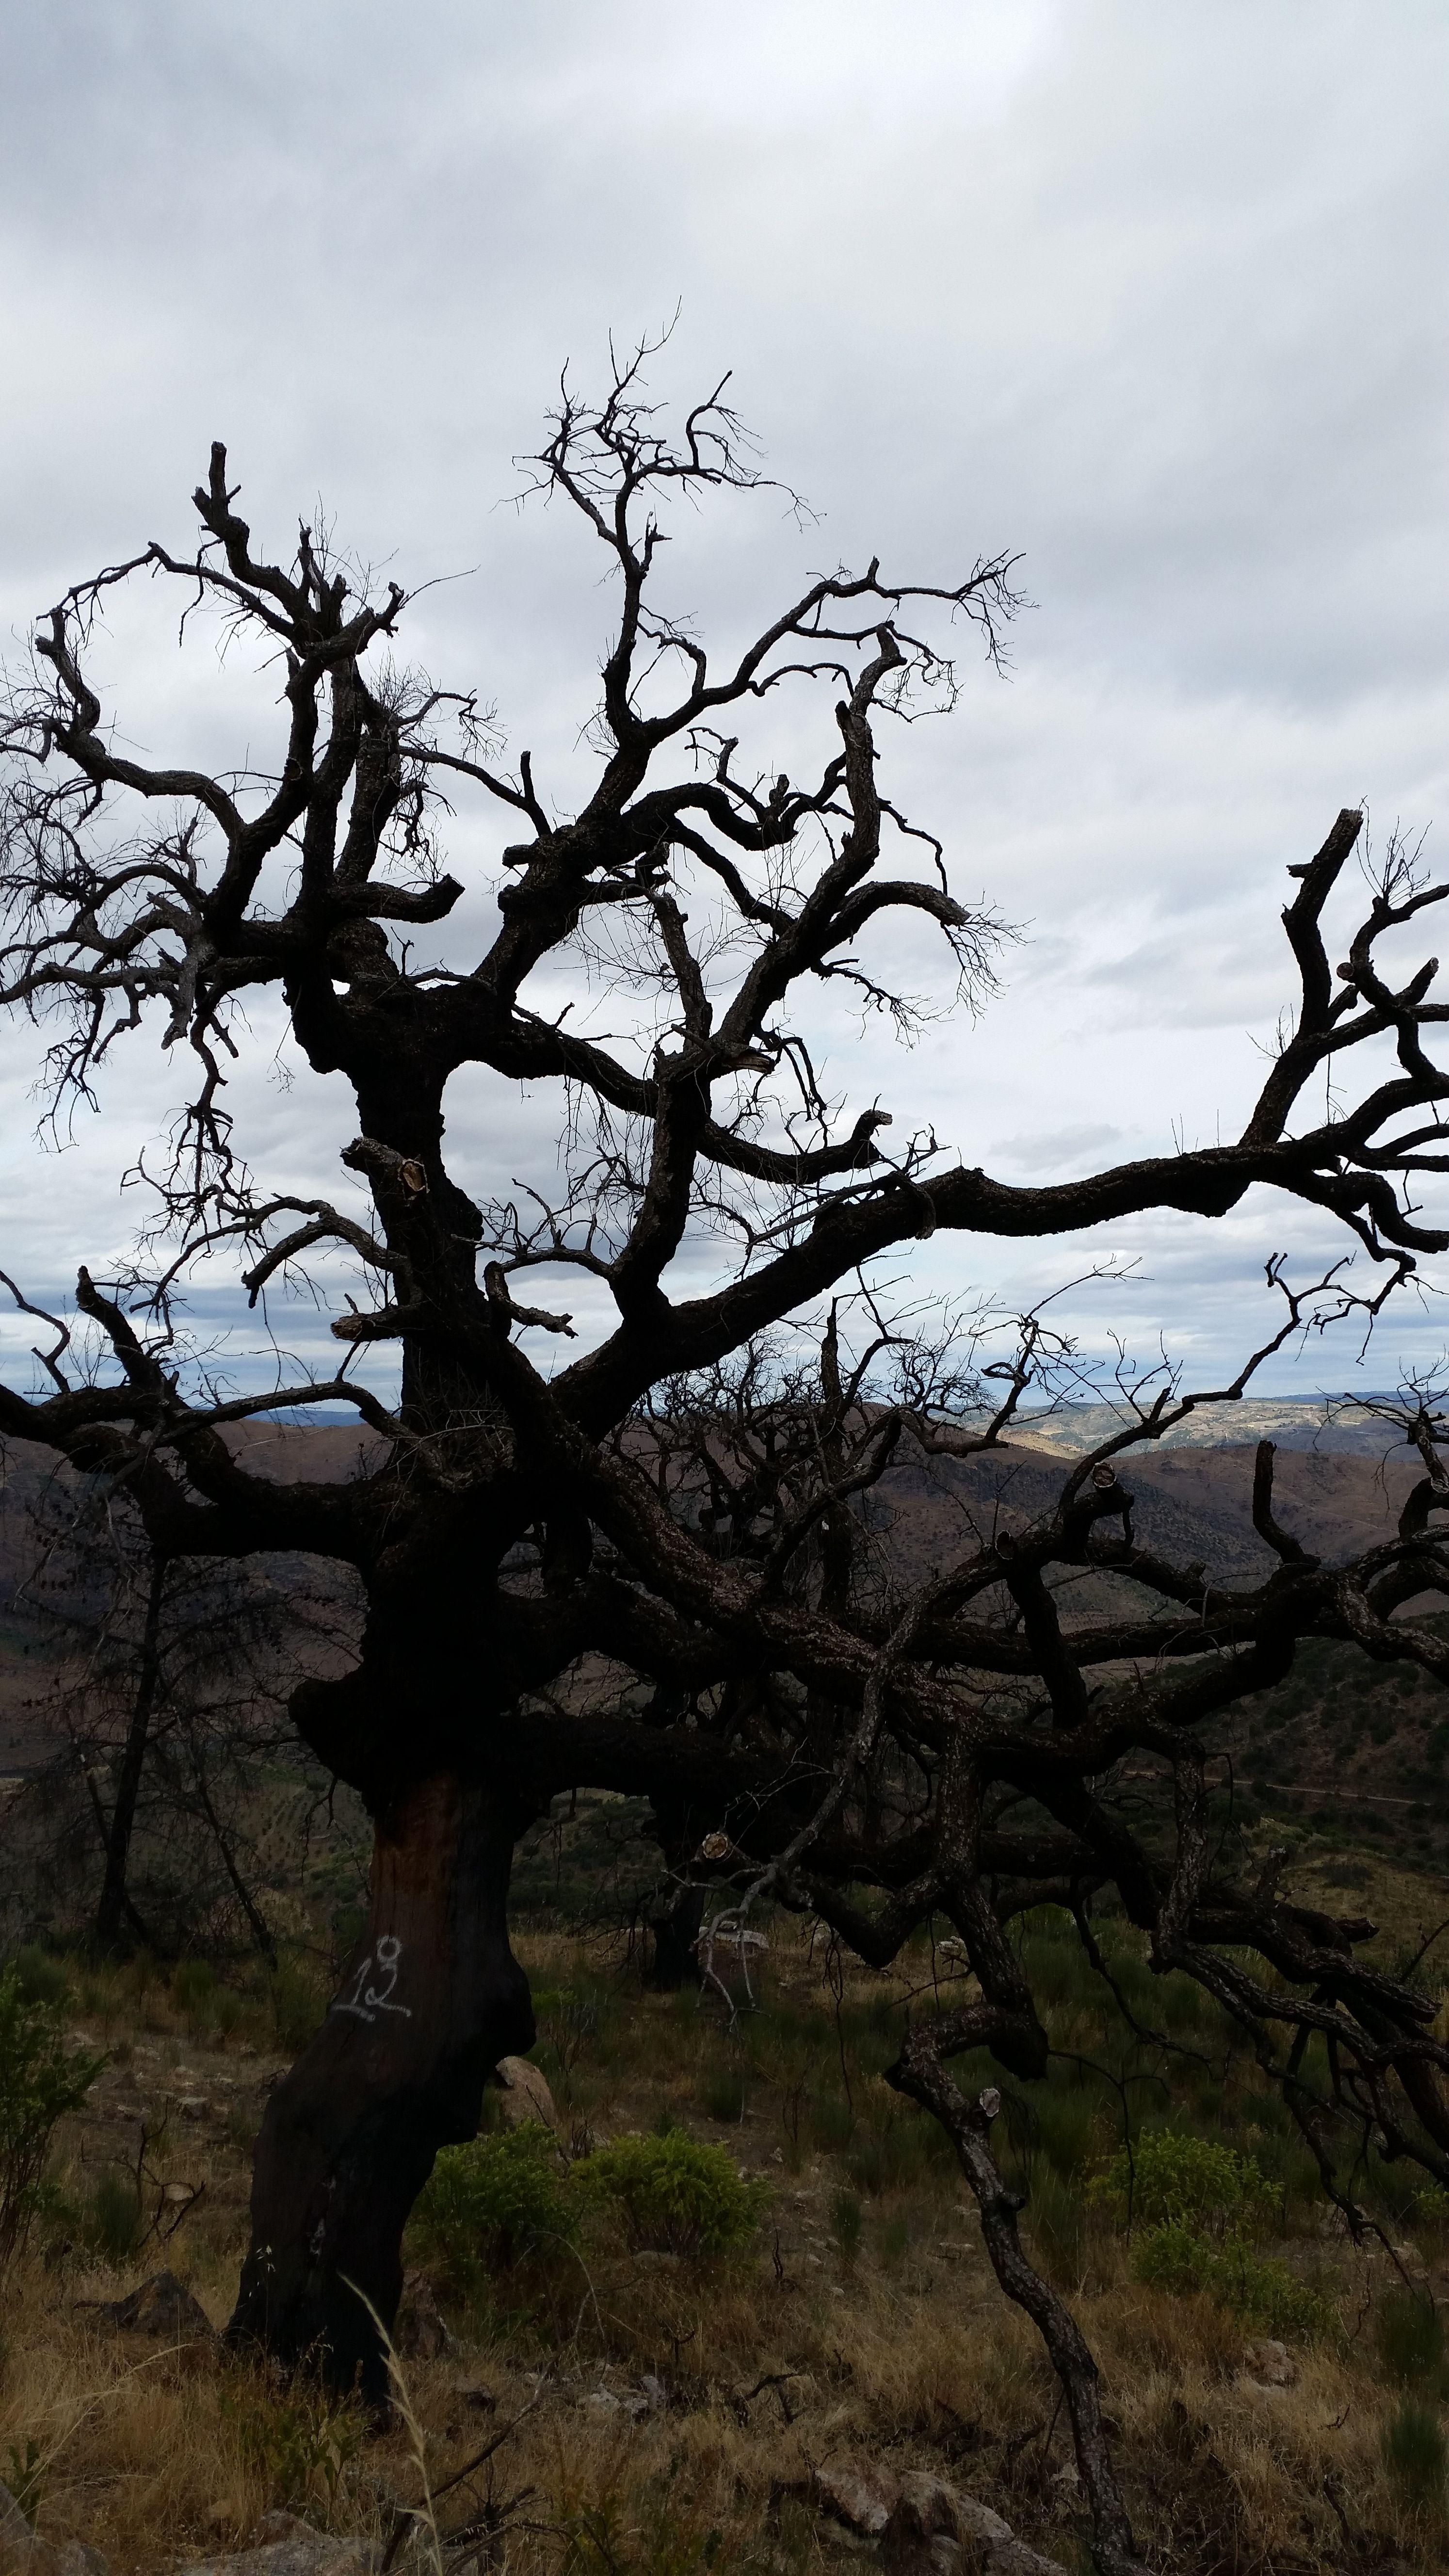 As árvores morrem de pé, conservando até ao fim a sua dignidade.